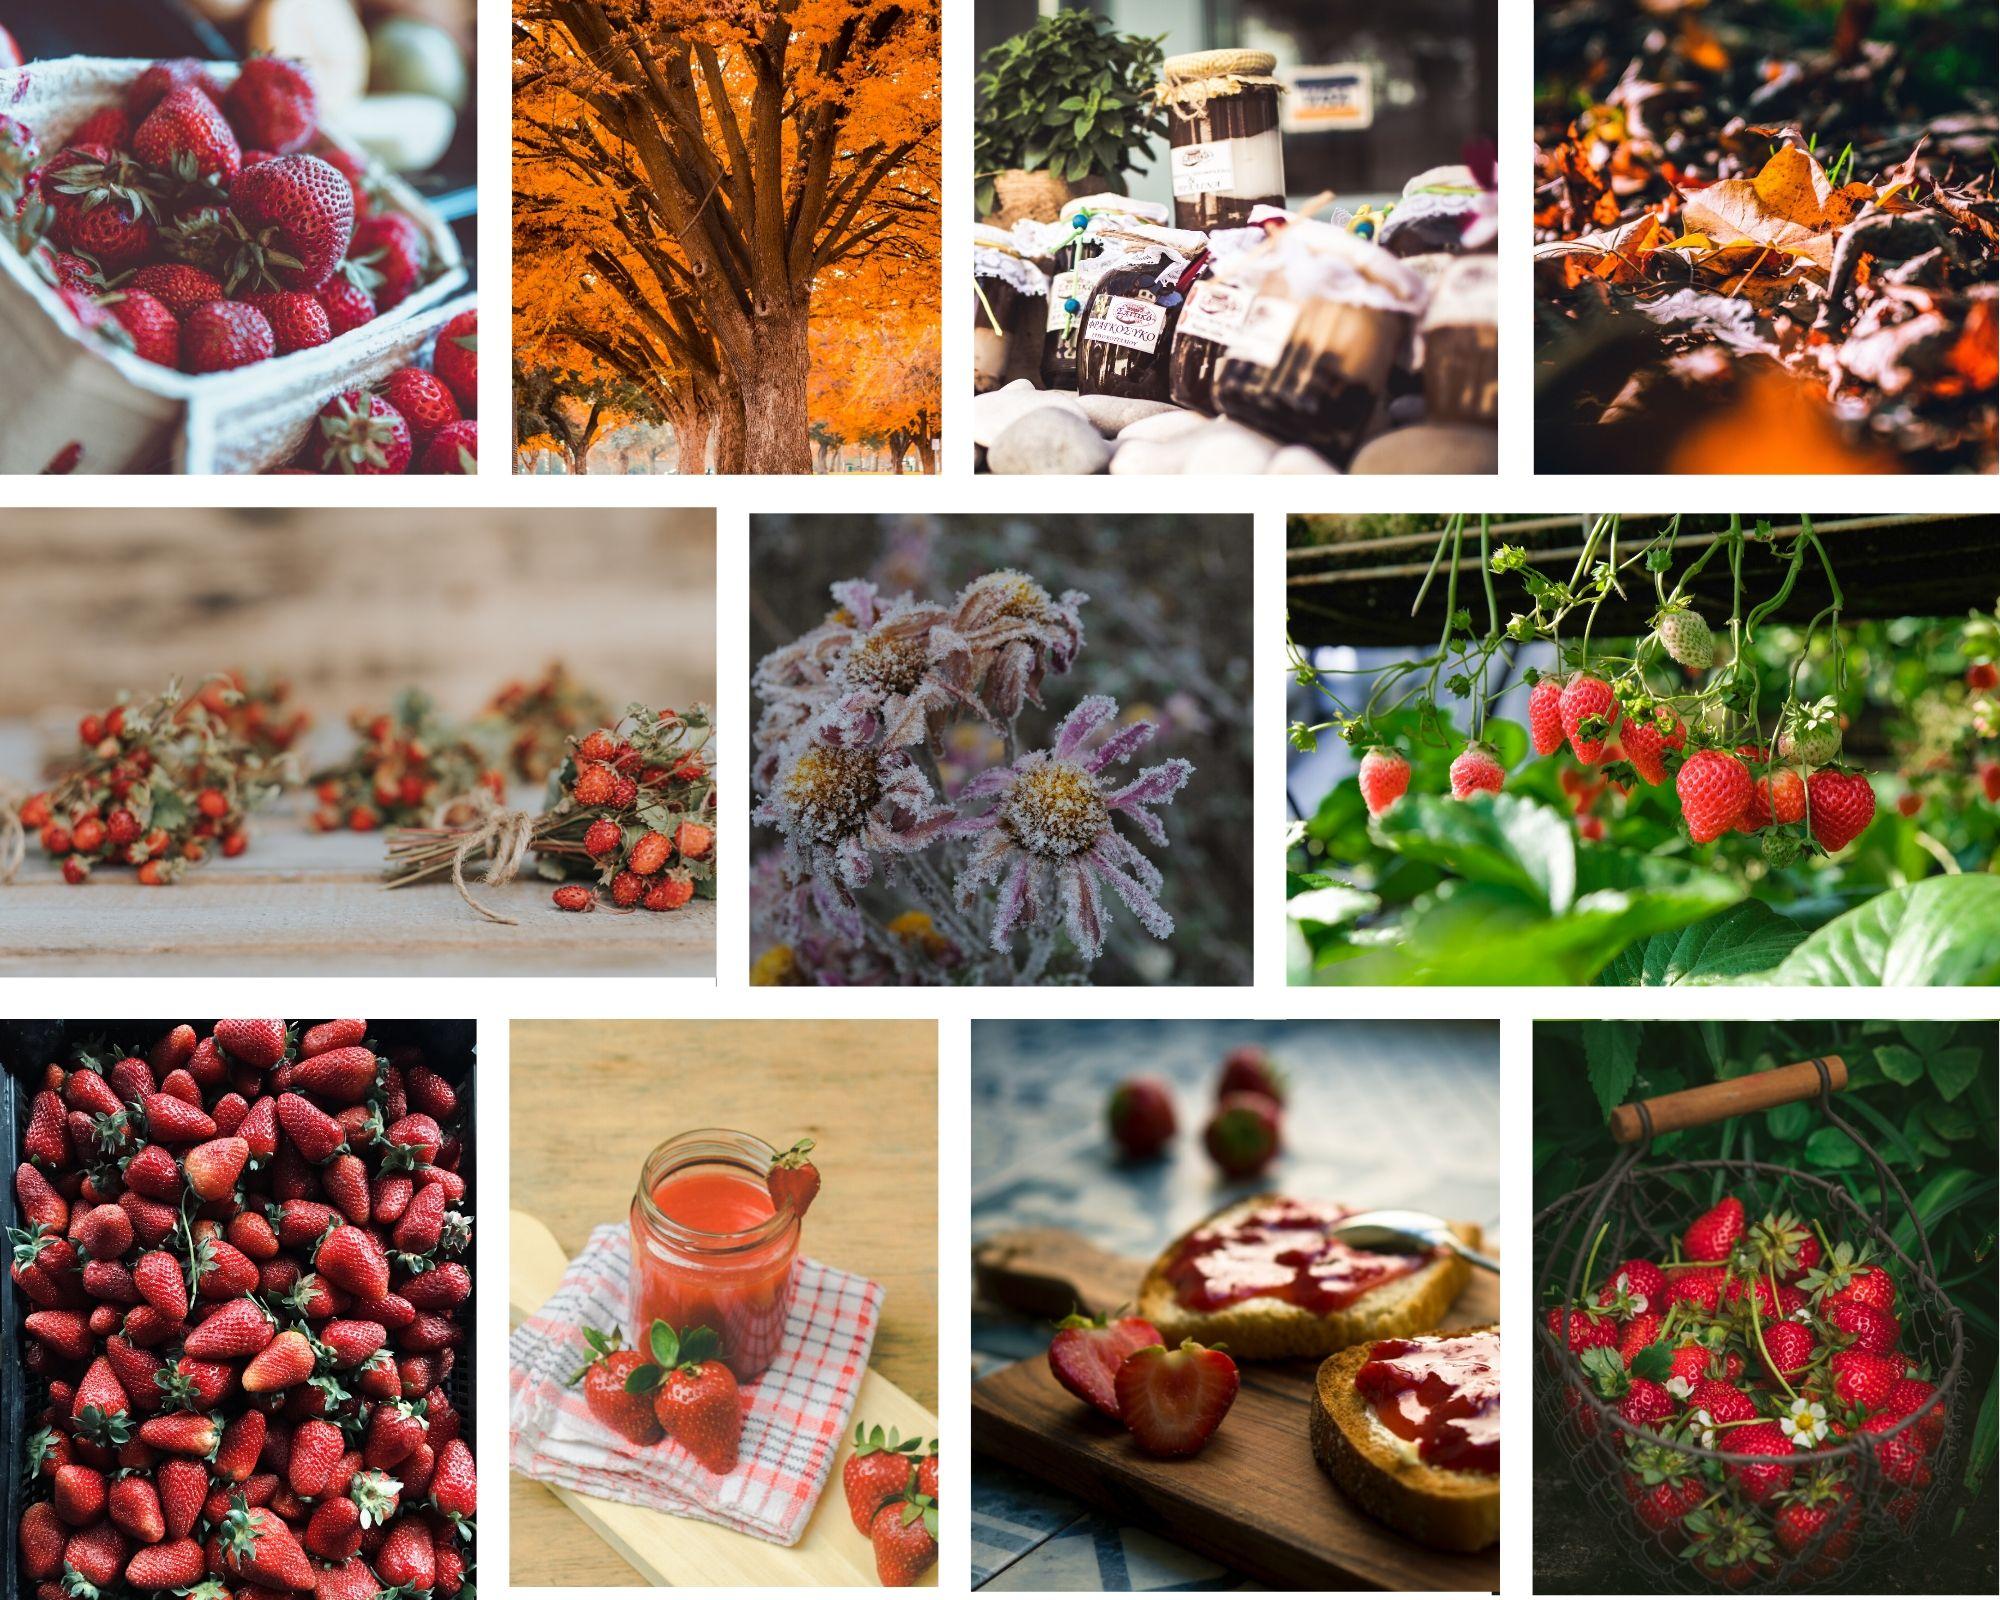 Bildkollage Erdbeeren im Herbst